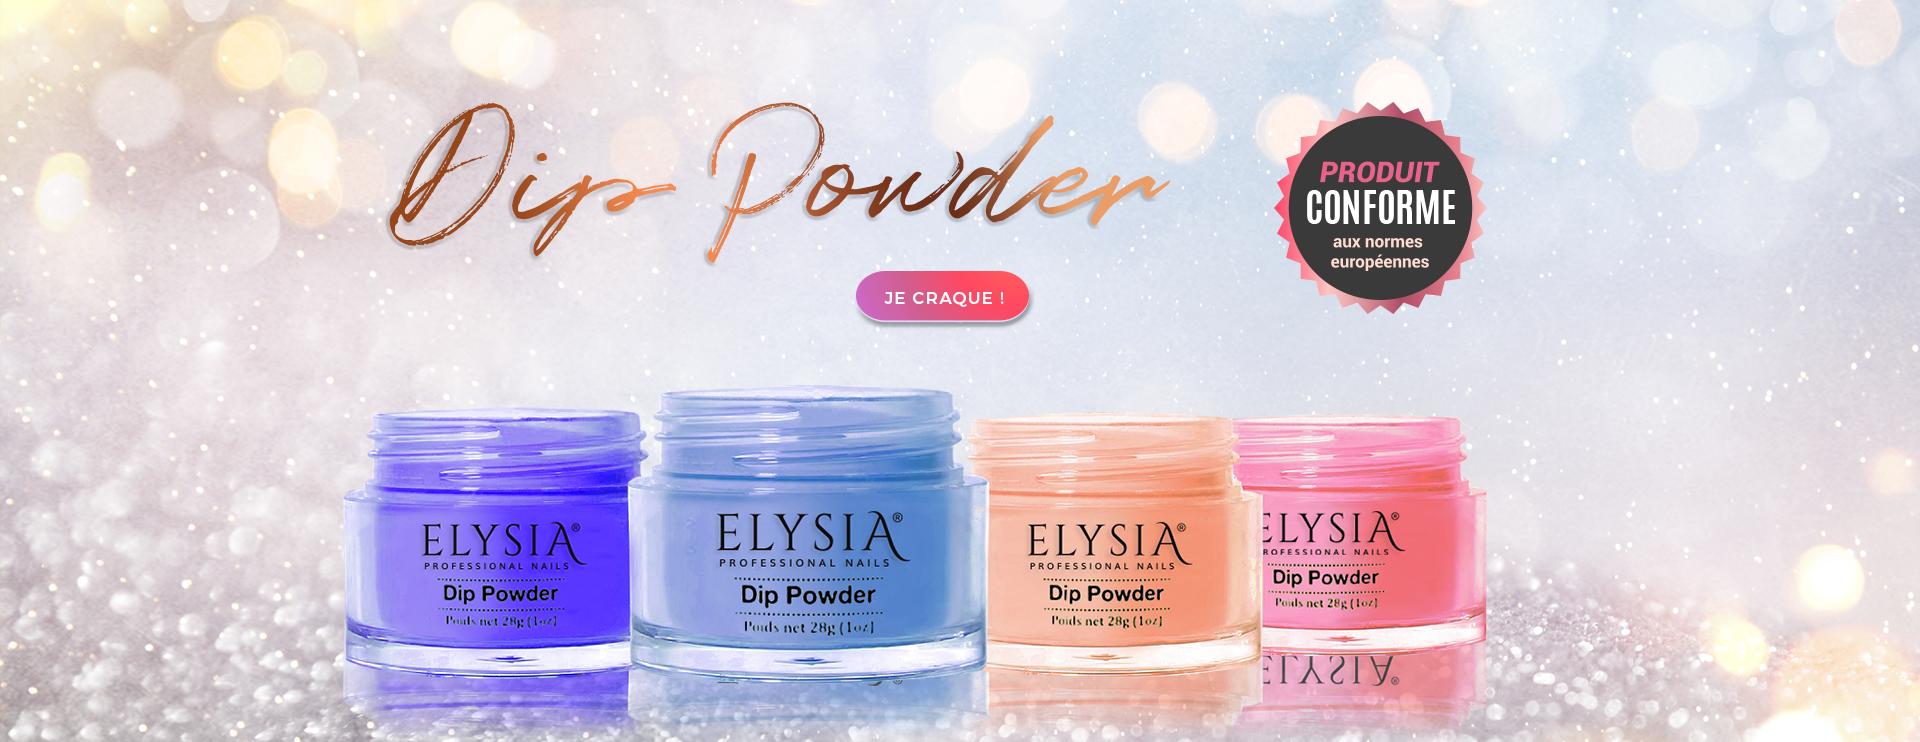 ELYSIA - Dip powder couelurs